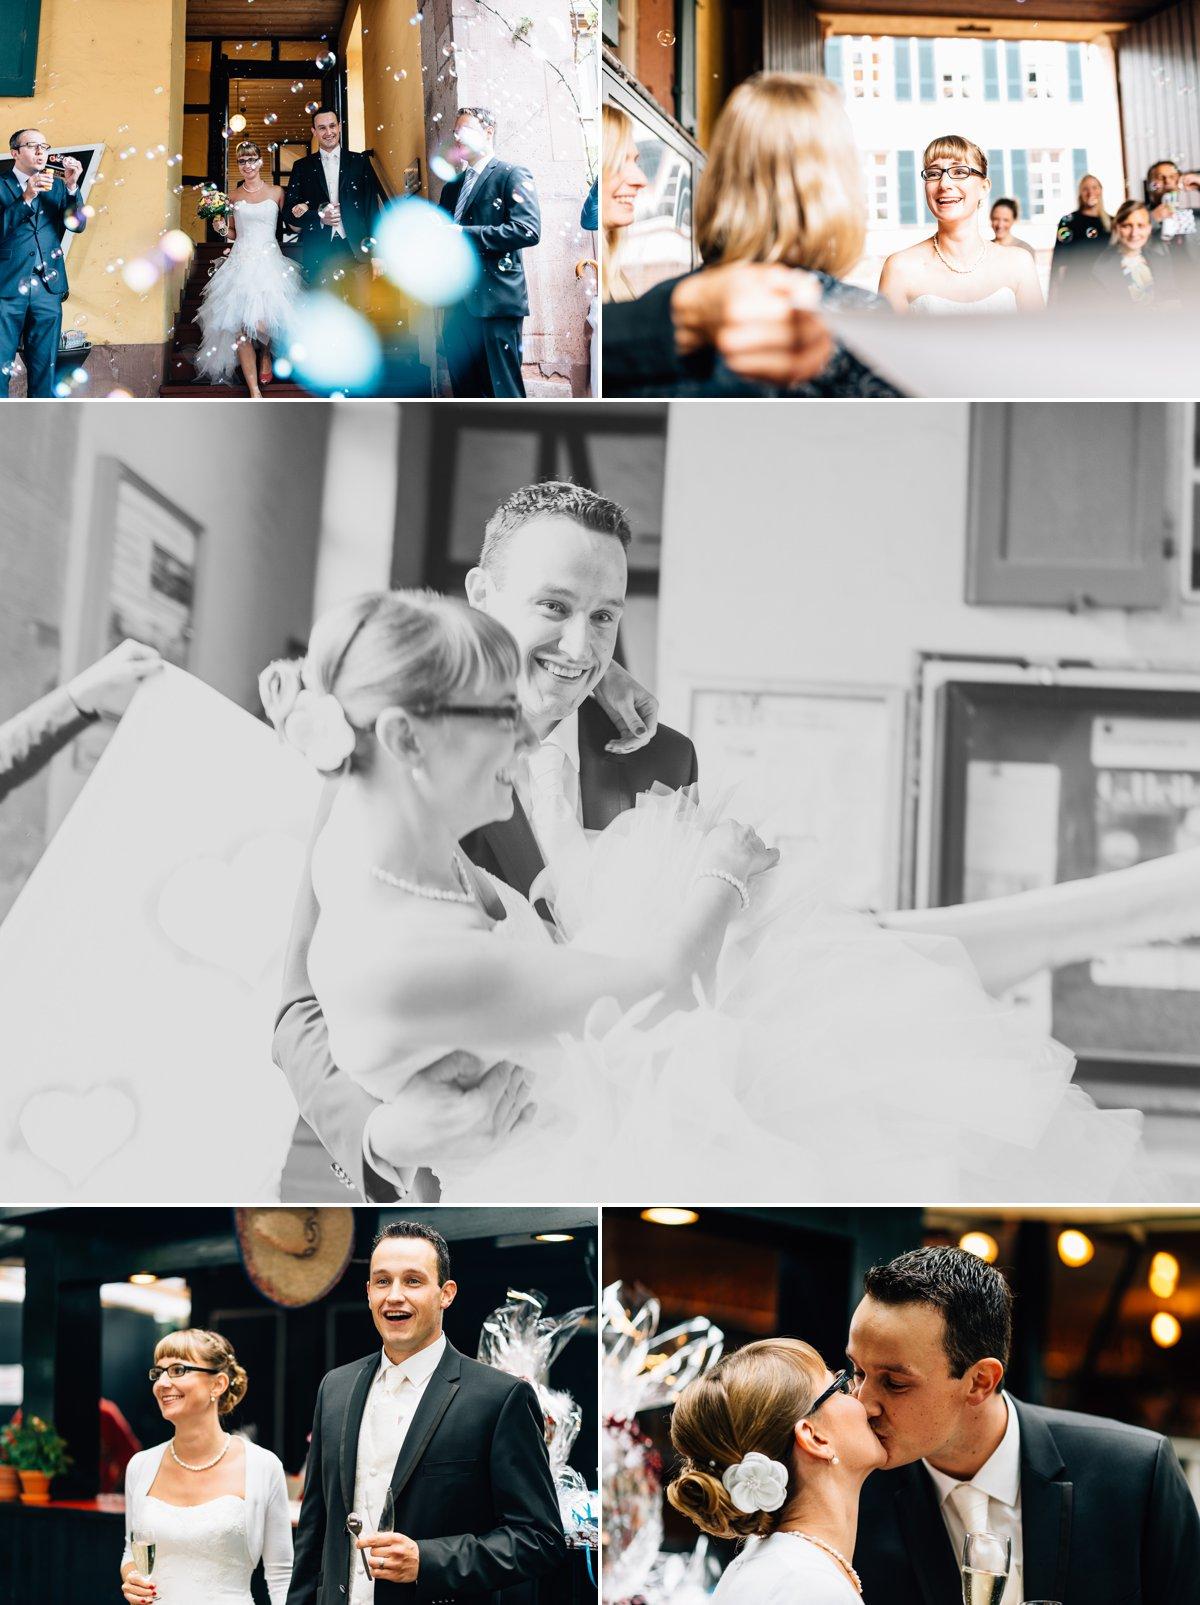 mallorca_destination_wedding_anne_alex_hochzeitsfotograf_reise_rhein-main_frankfurt_palma_malle 34